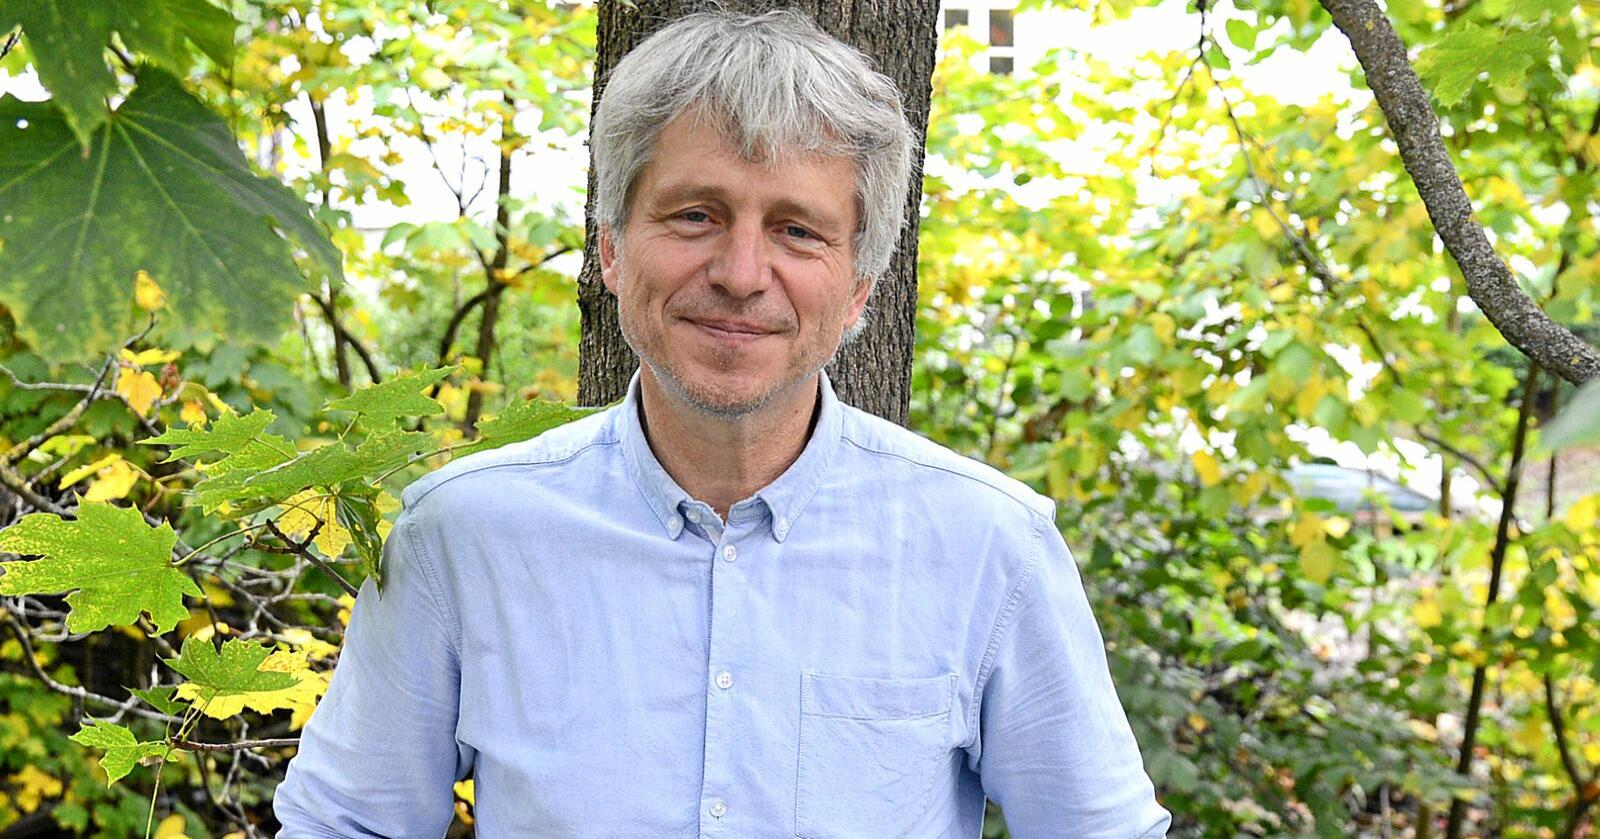 Daglig leder i Økologisk Norge, Børre Solberg, mener det nye regelverket vil øke tilliten til økologiske produkter hos forbrukerne. Foto: Siri Juell Rasmussen